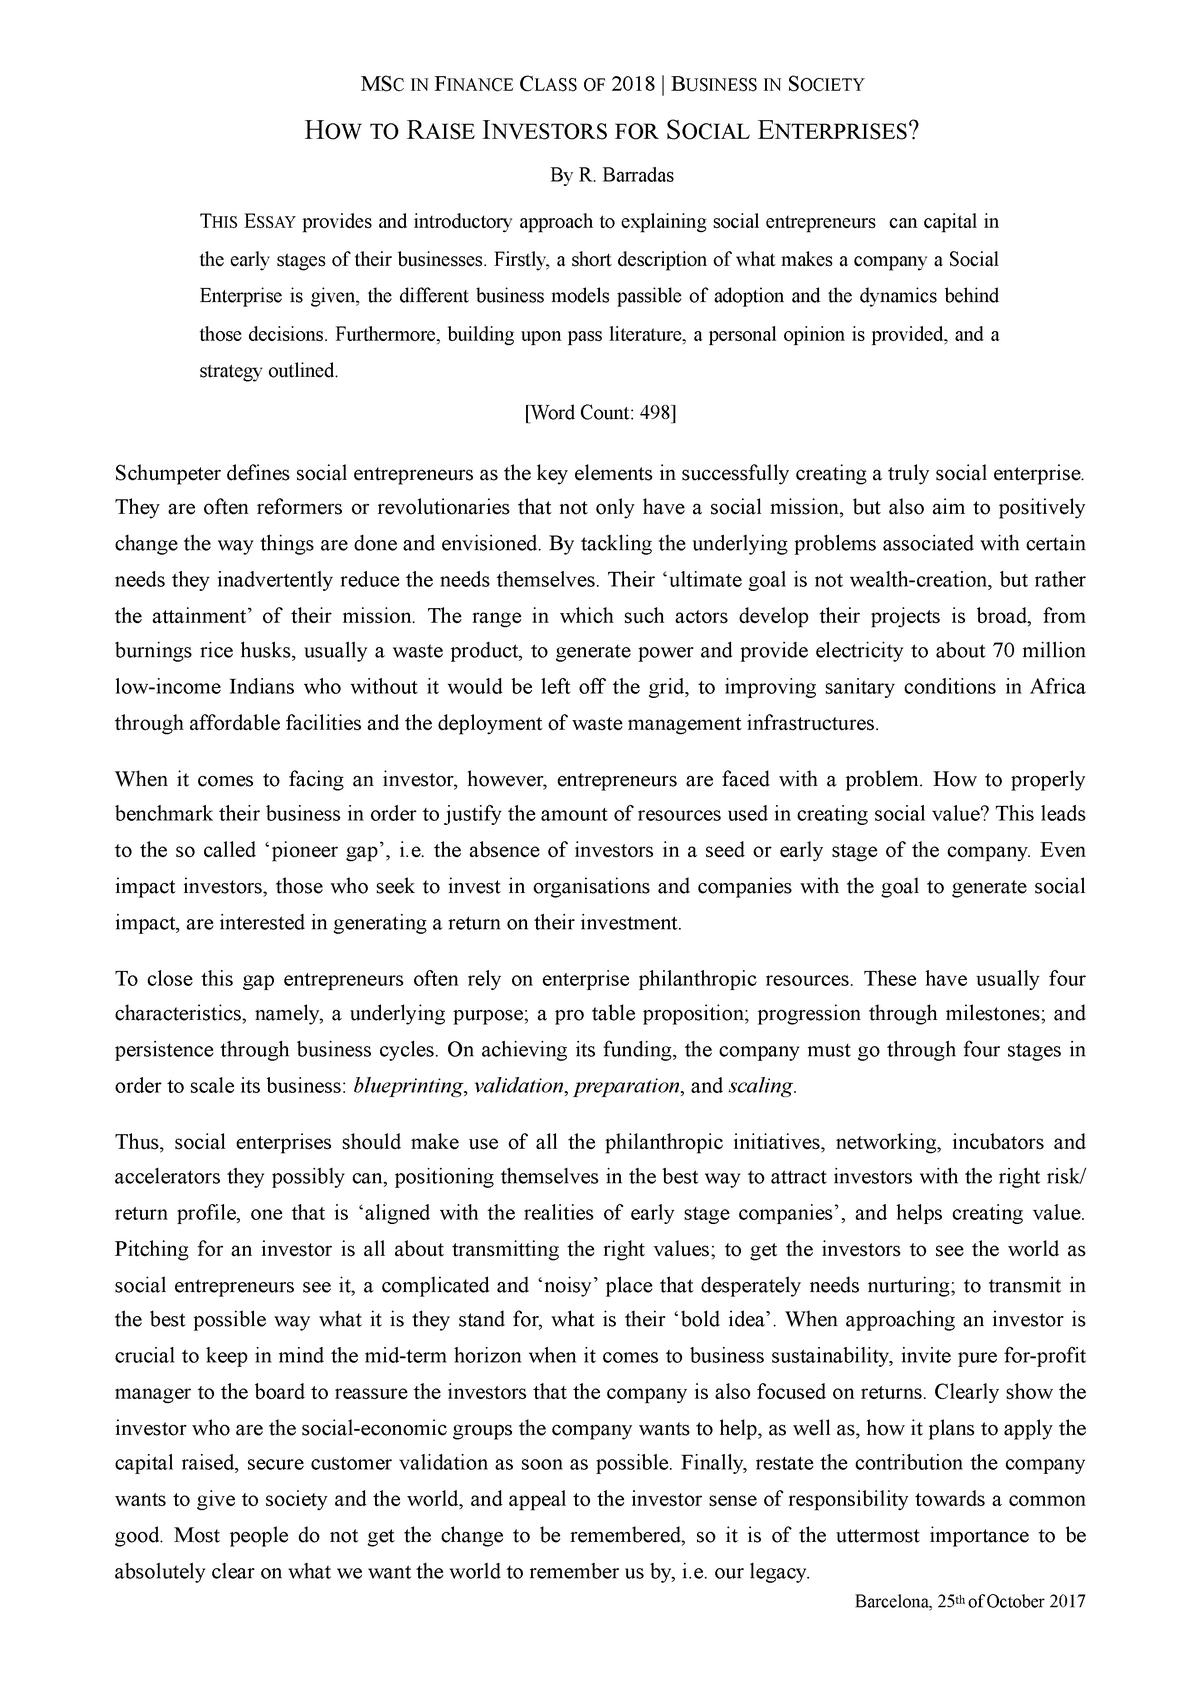 Social Enterprises - Business in Society - StuDocu